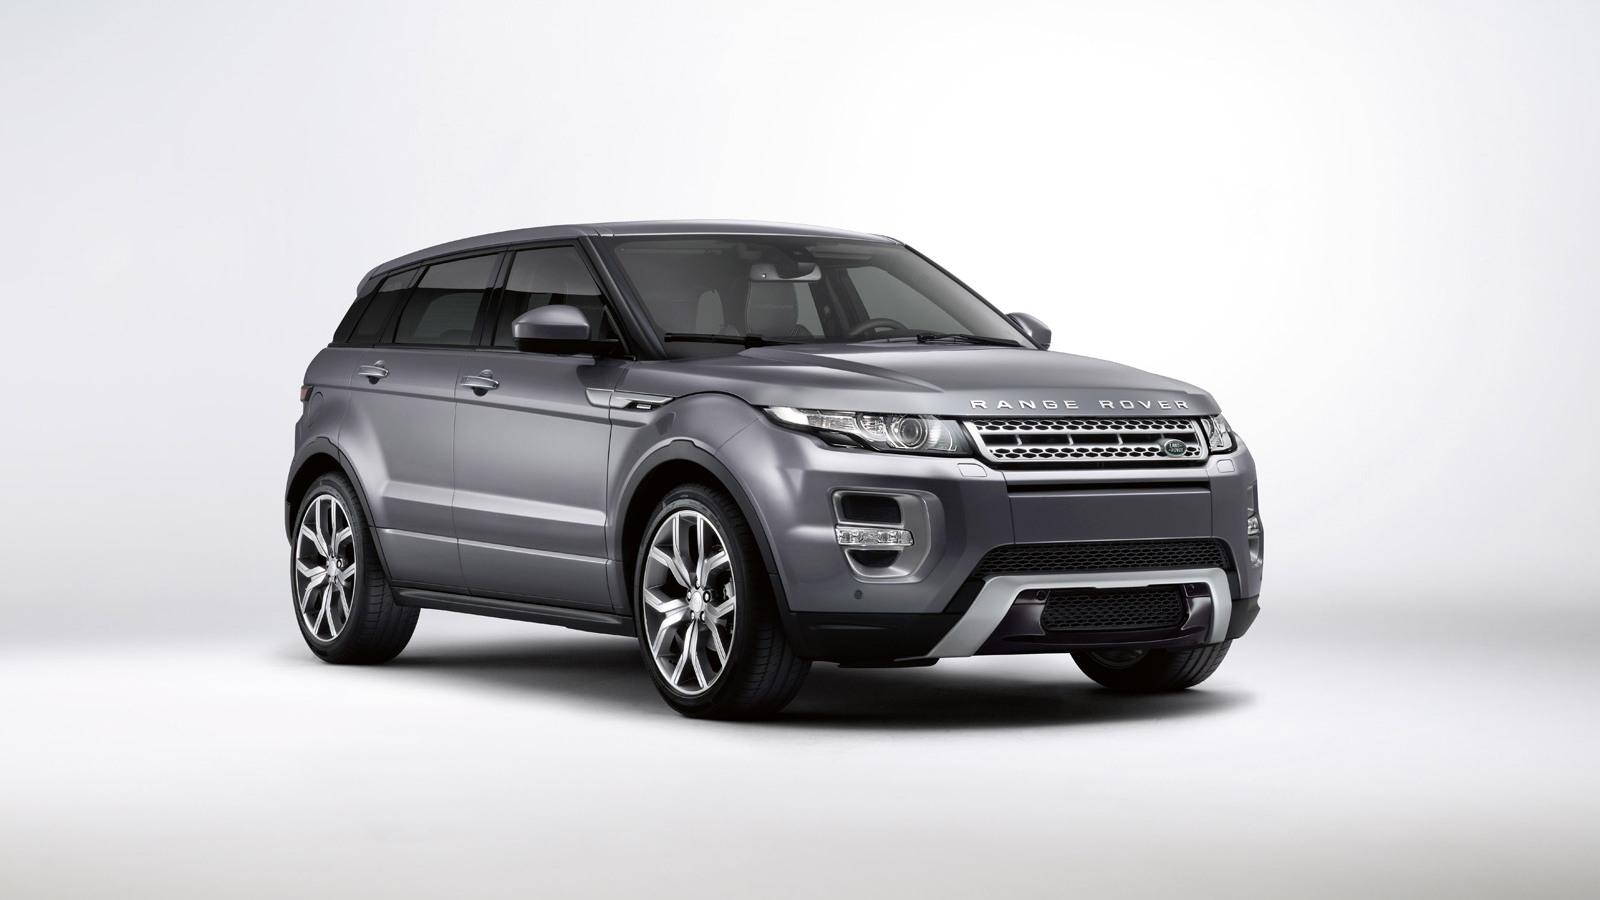 2015 Land Rover Range Rover Evoque Autobiography